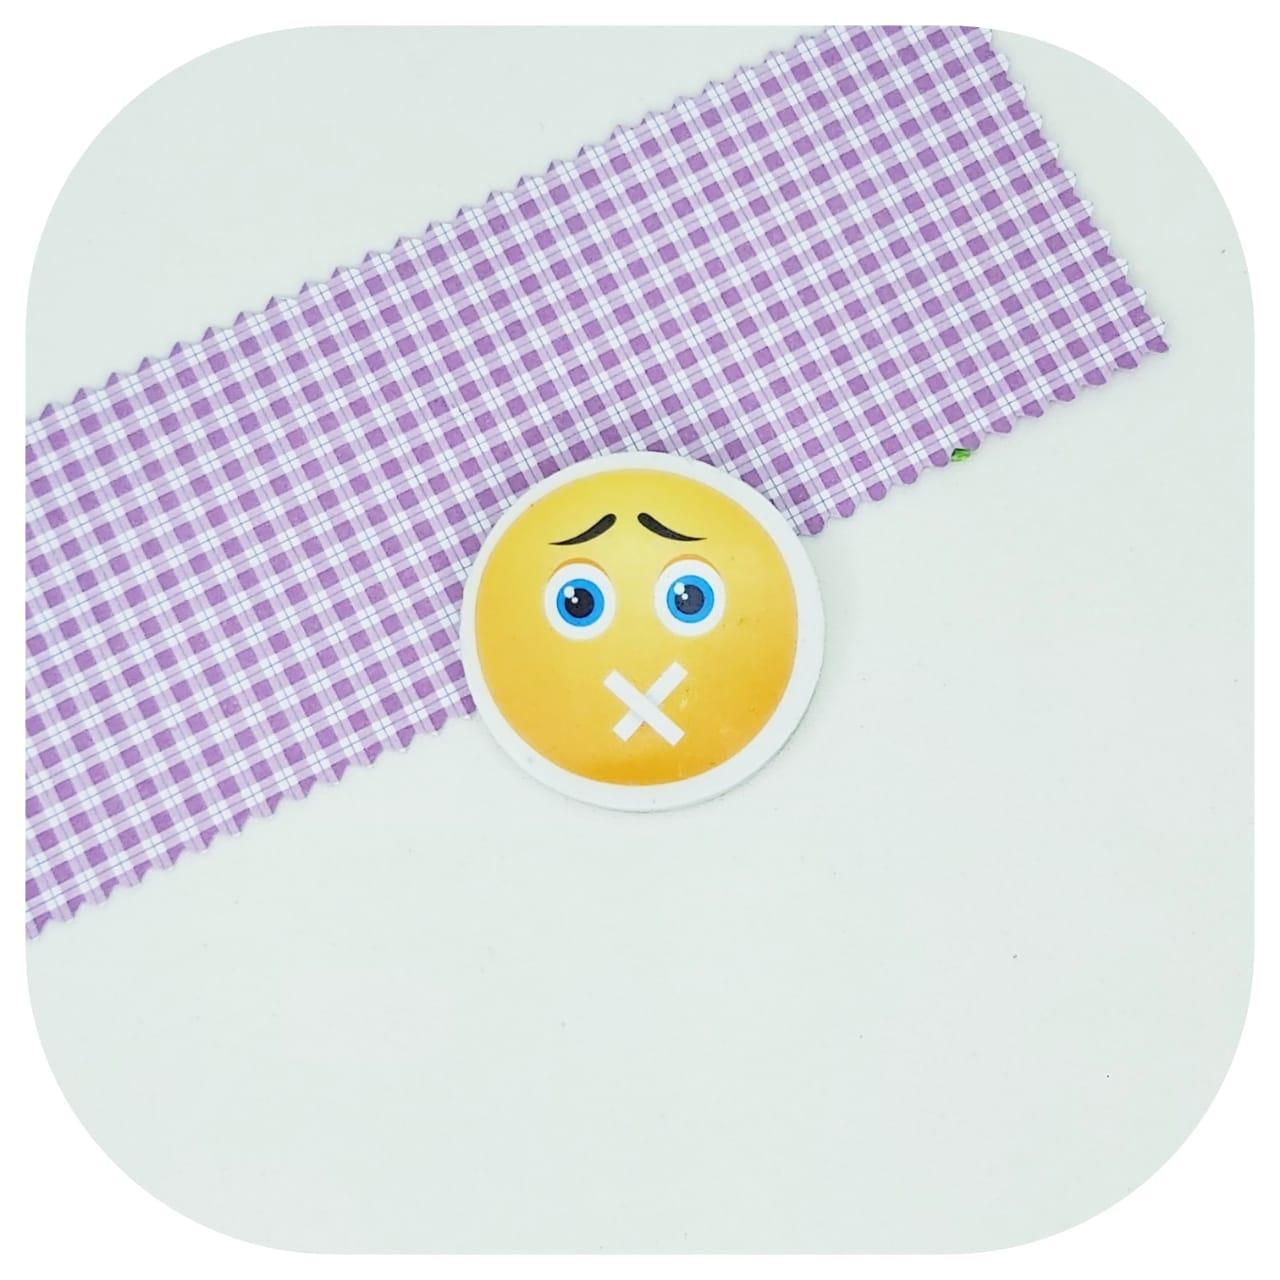 Borracha Emoji